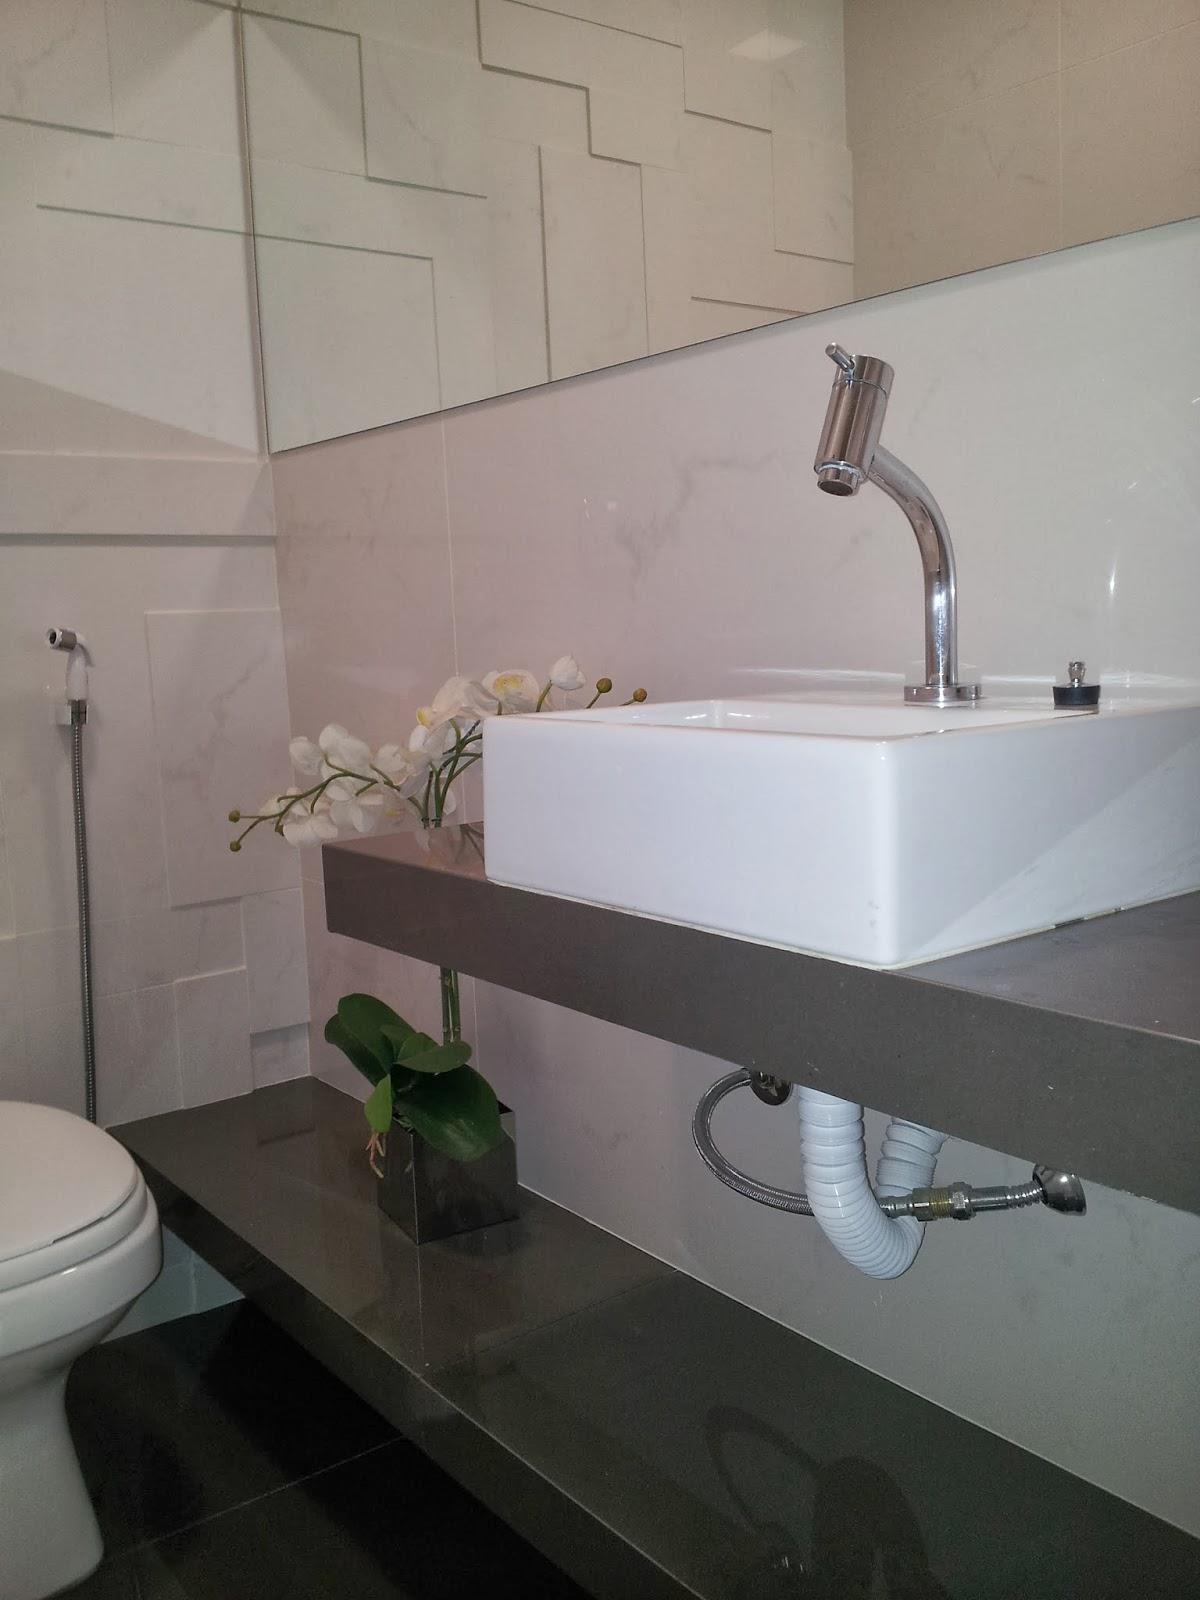 Modelo 8 Bancada de porcelanato polido para lavabo. Detalhe no apoio  #596672 1200x1600 Banheiro Com Bancada De Porcelanato